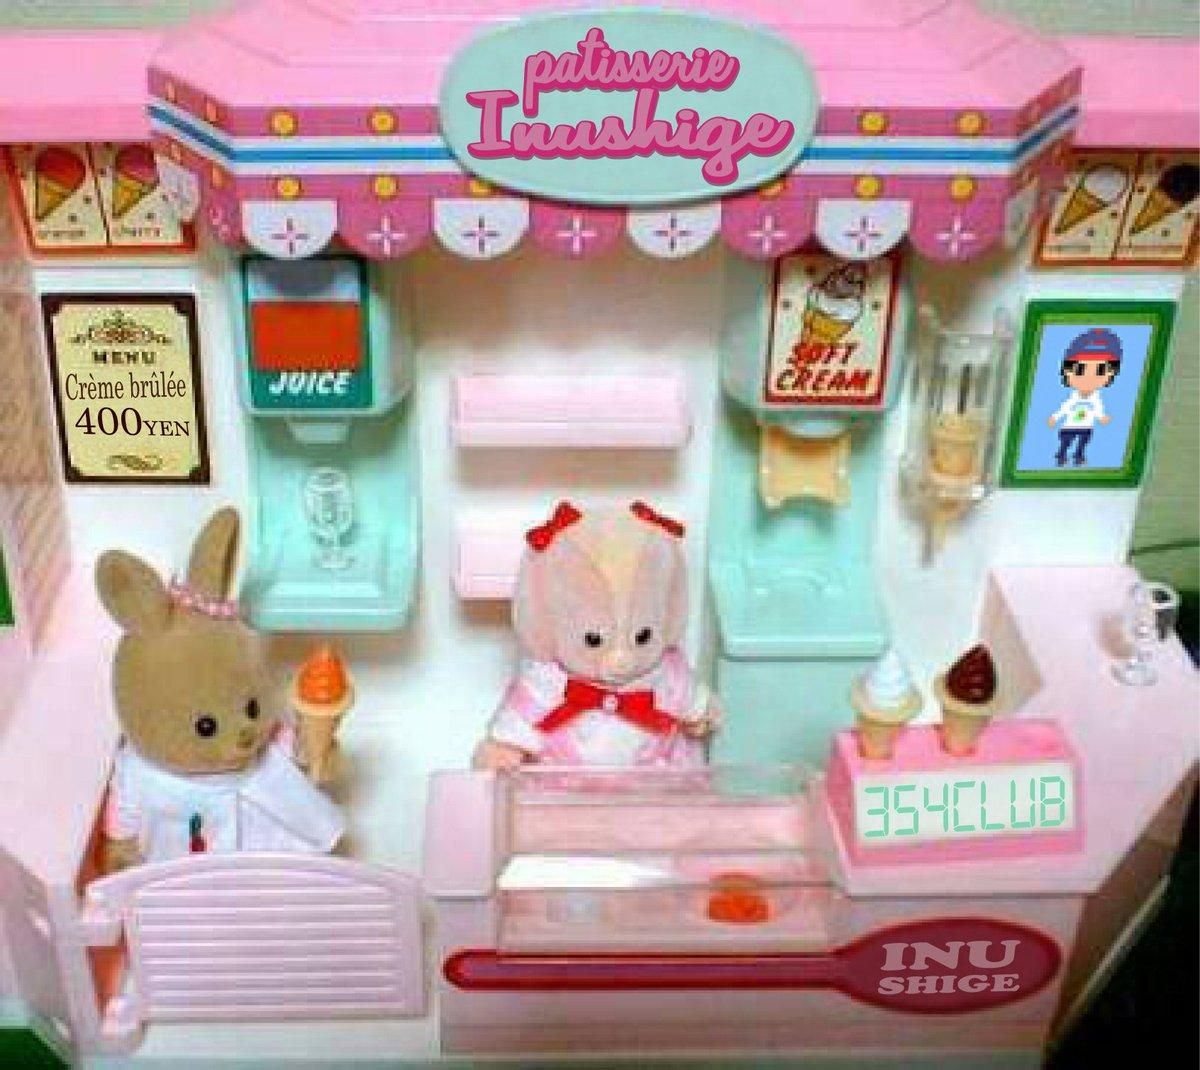 当日のフードはクレームブリュレ、ドリンクはクリームソーダの販売が決定しました!ソーダ!これが!ビーストサーガ~!!3月2